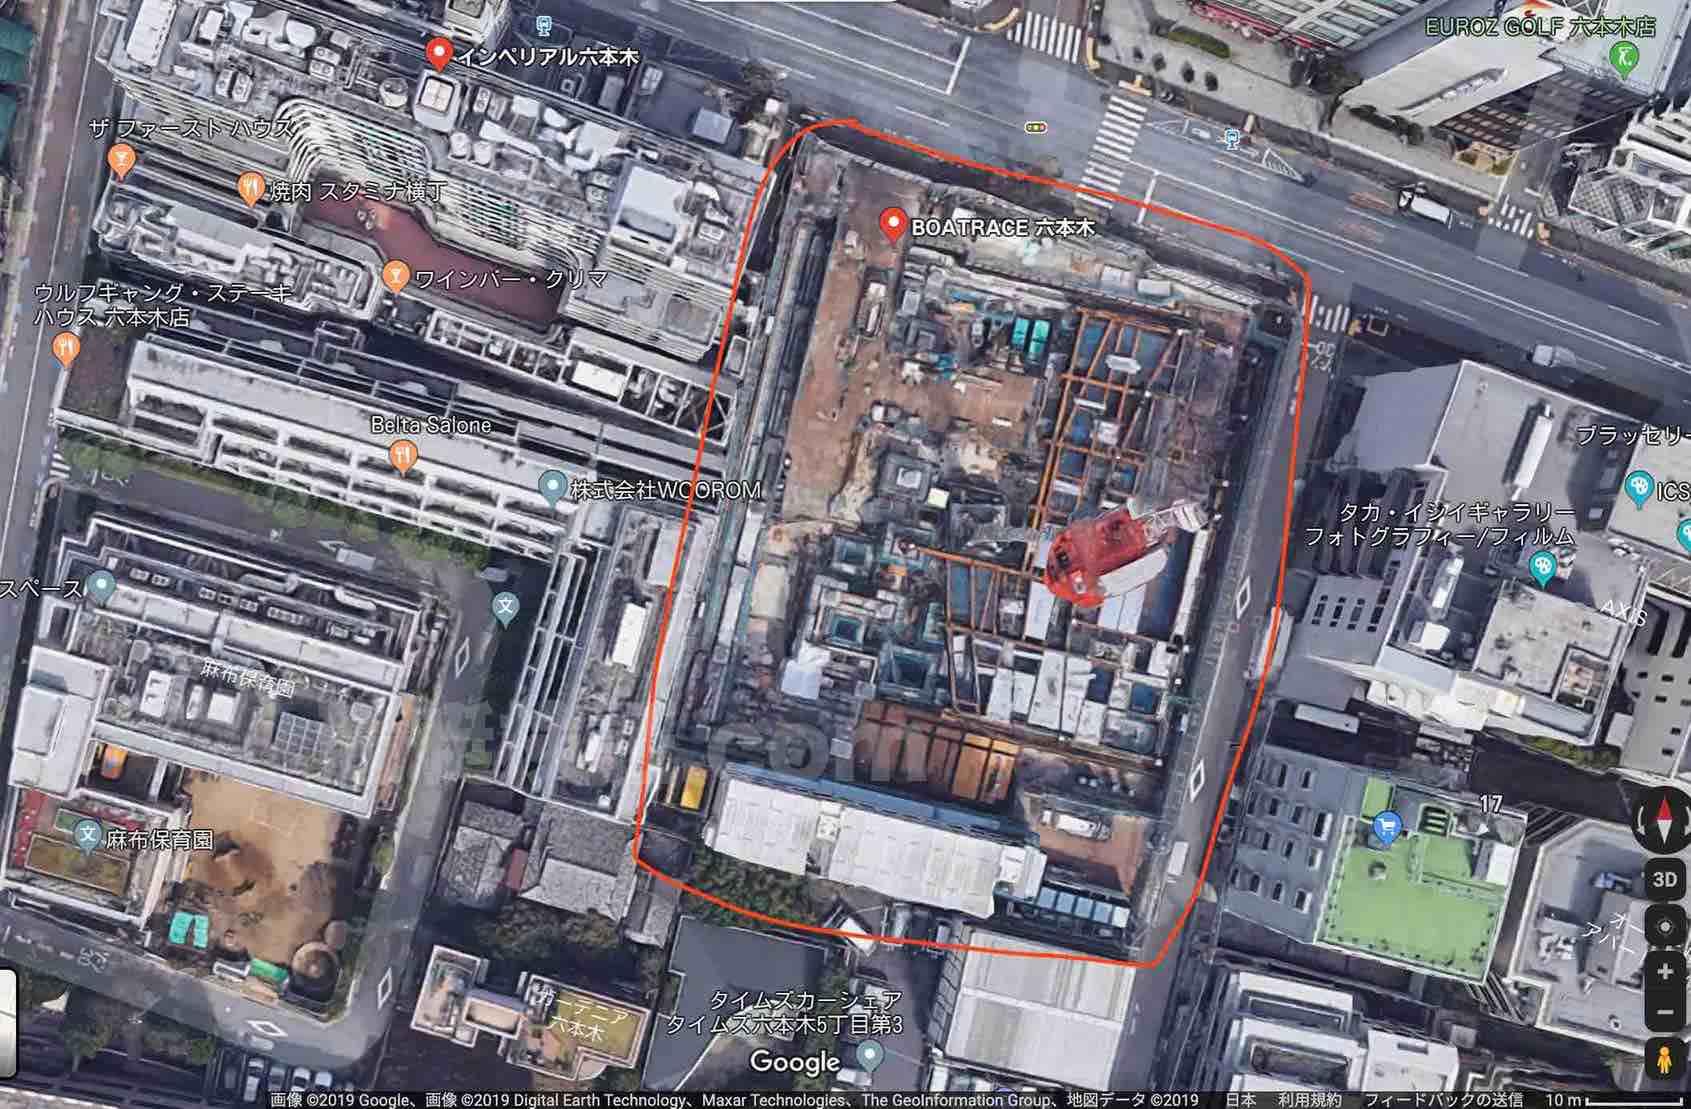 競艇BOATRACE振興会の本社ビル建設現場のgoogleマップによる上空写真